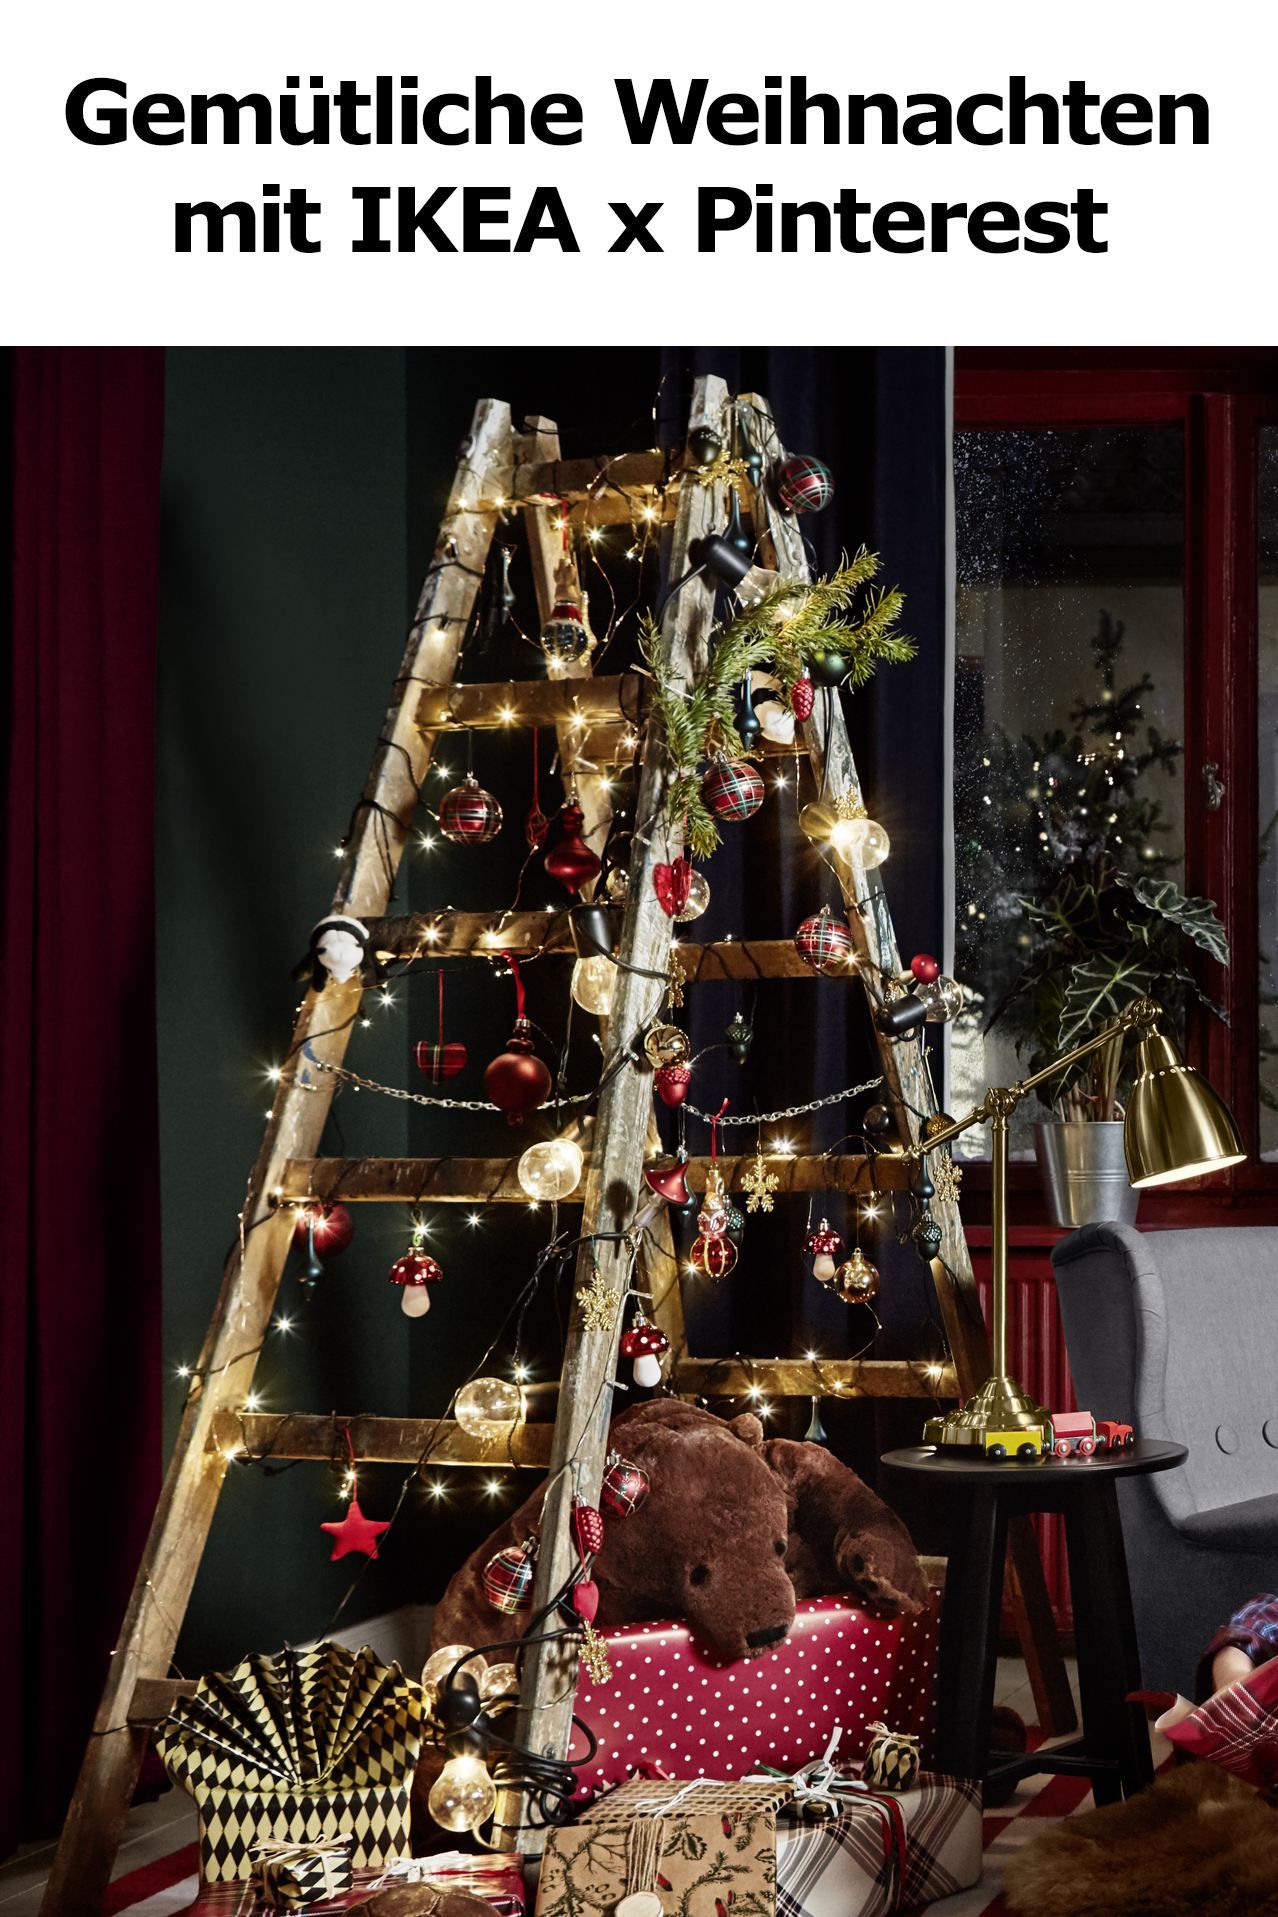 Pin von Sophie-Charlotte von Bierbrauer auf Gemütliche Weihnachten ...